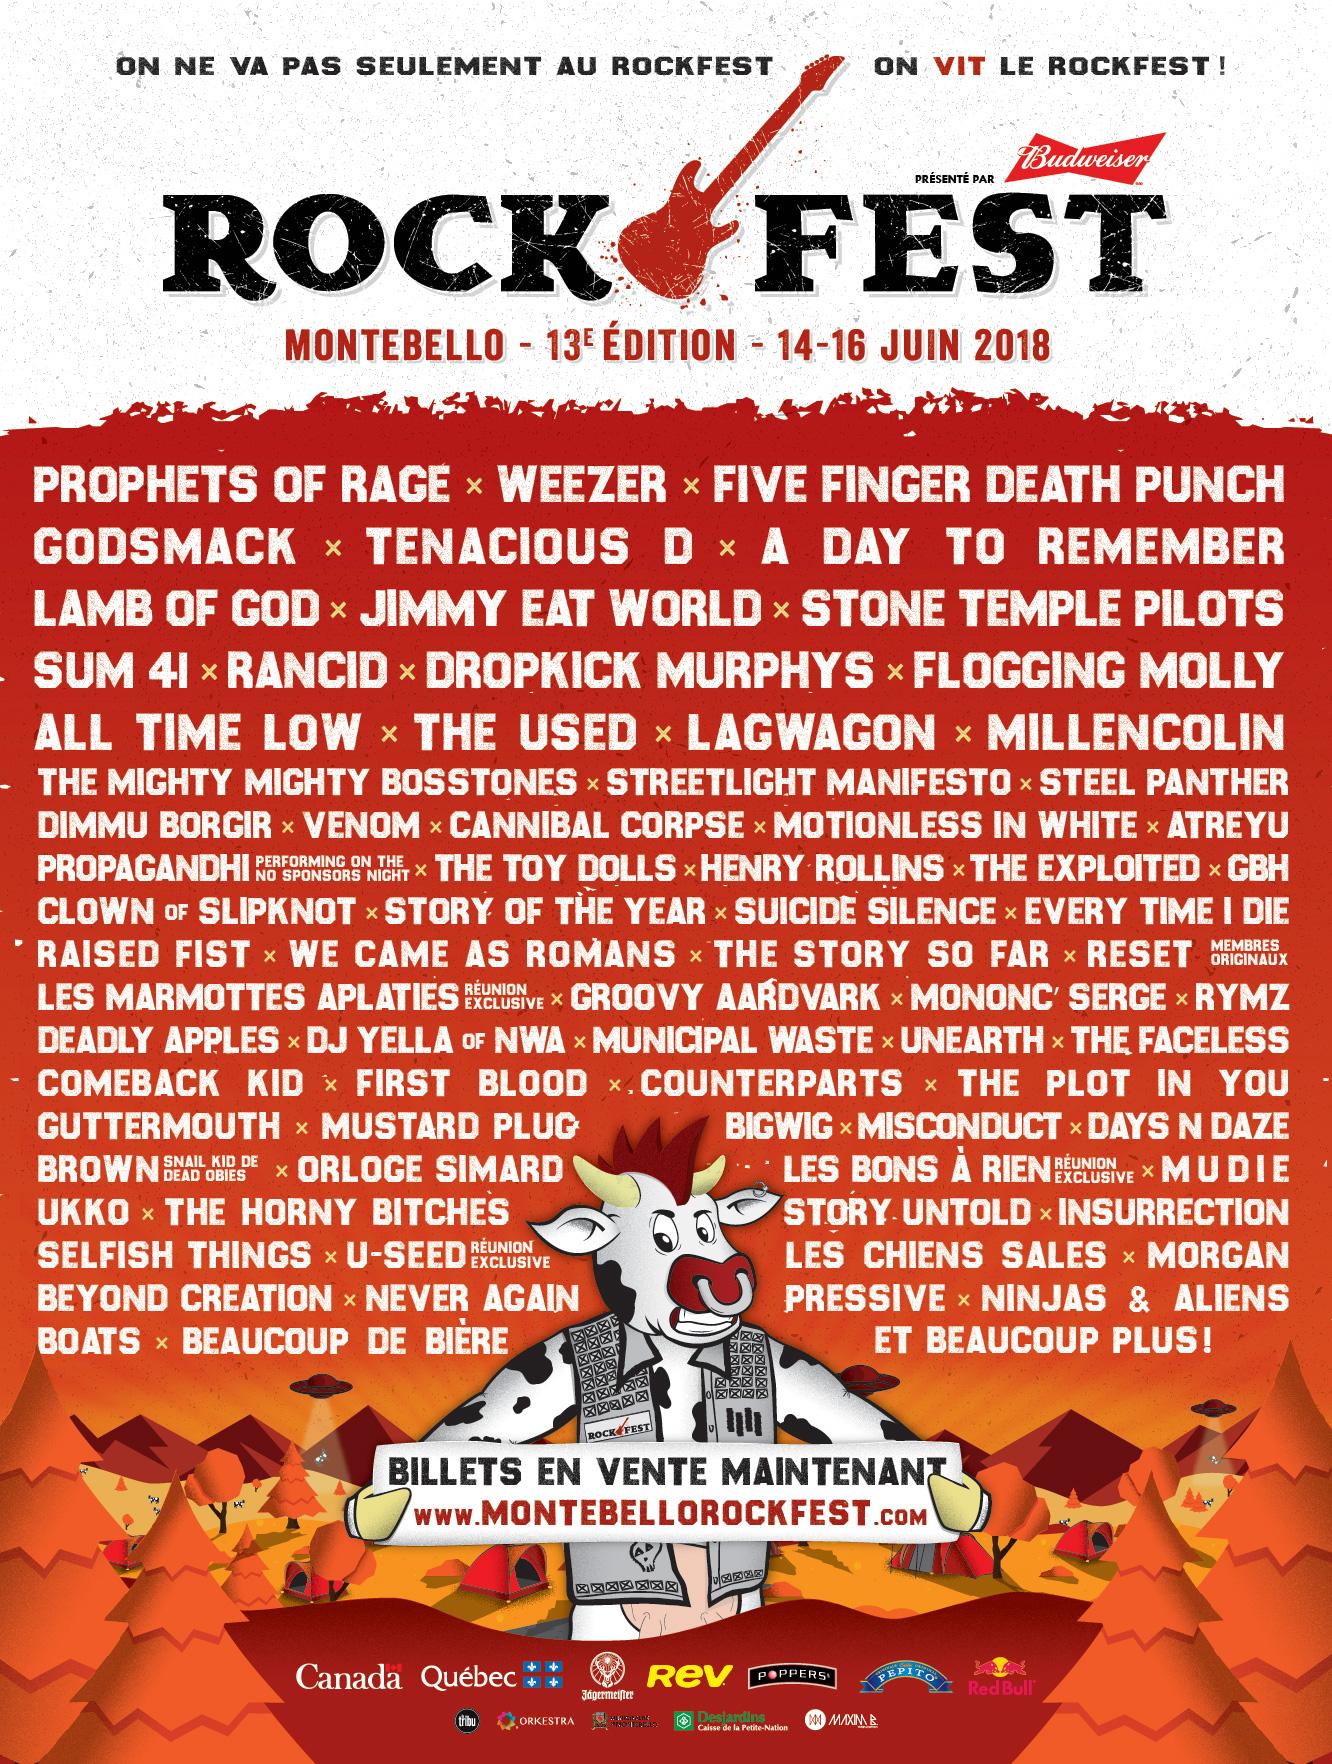 poster_rockfest2018_fr